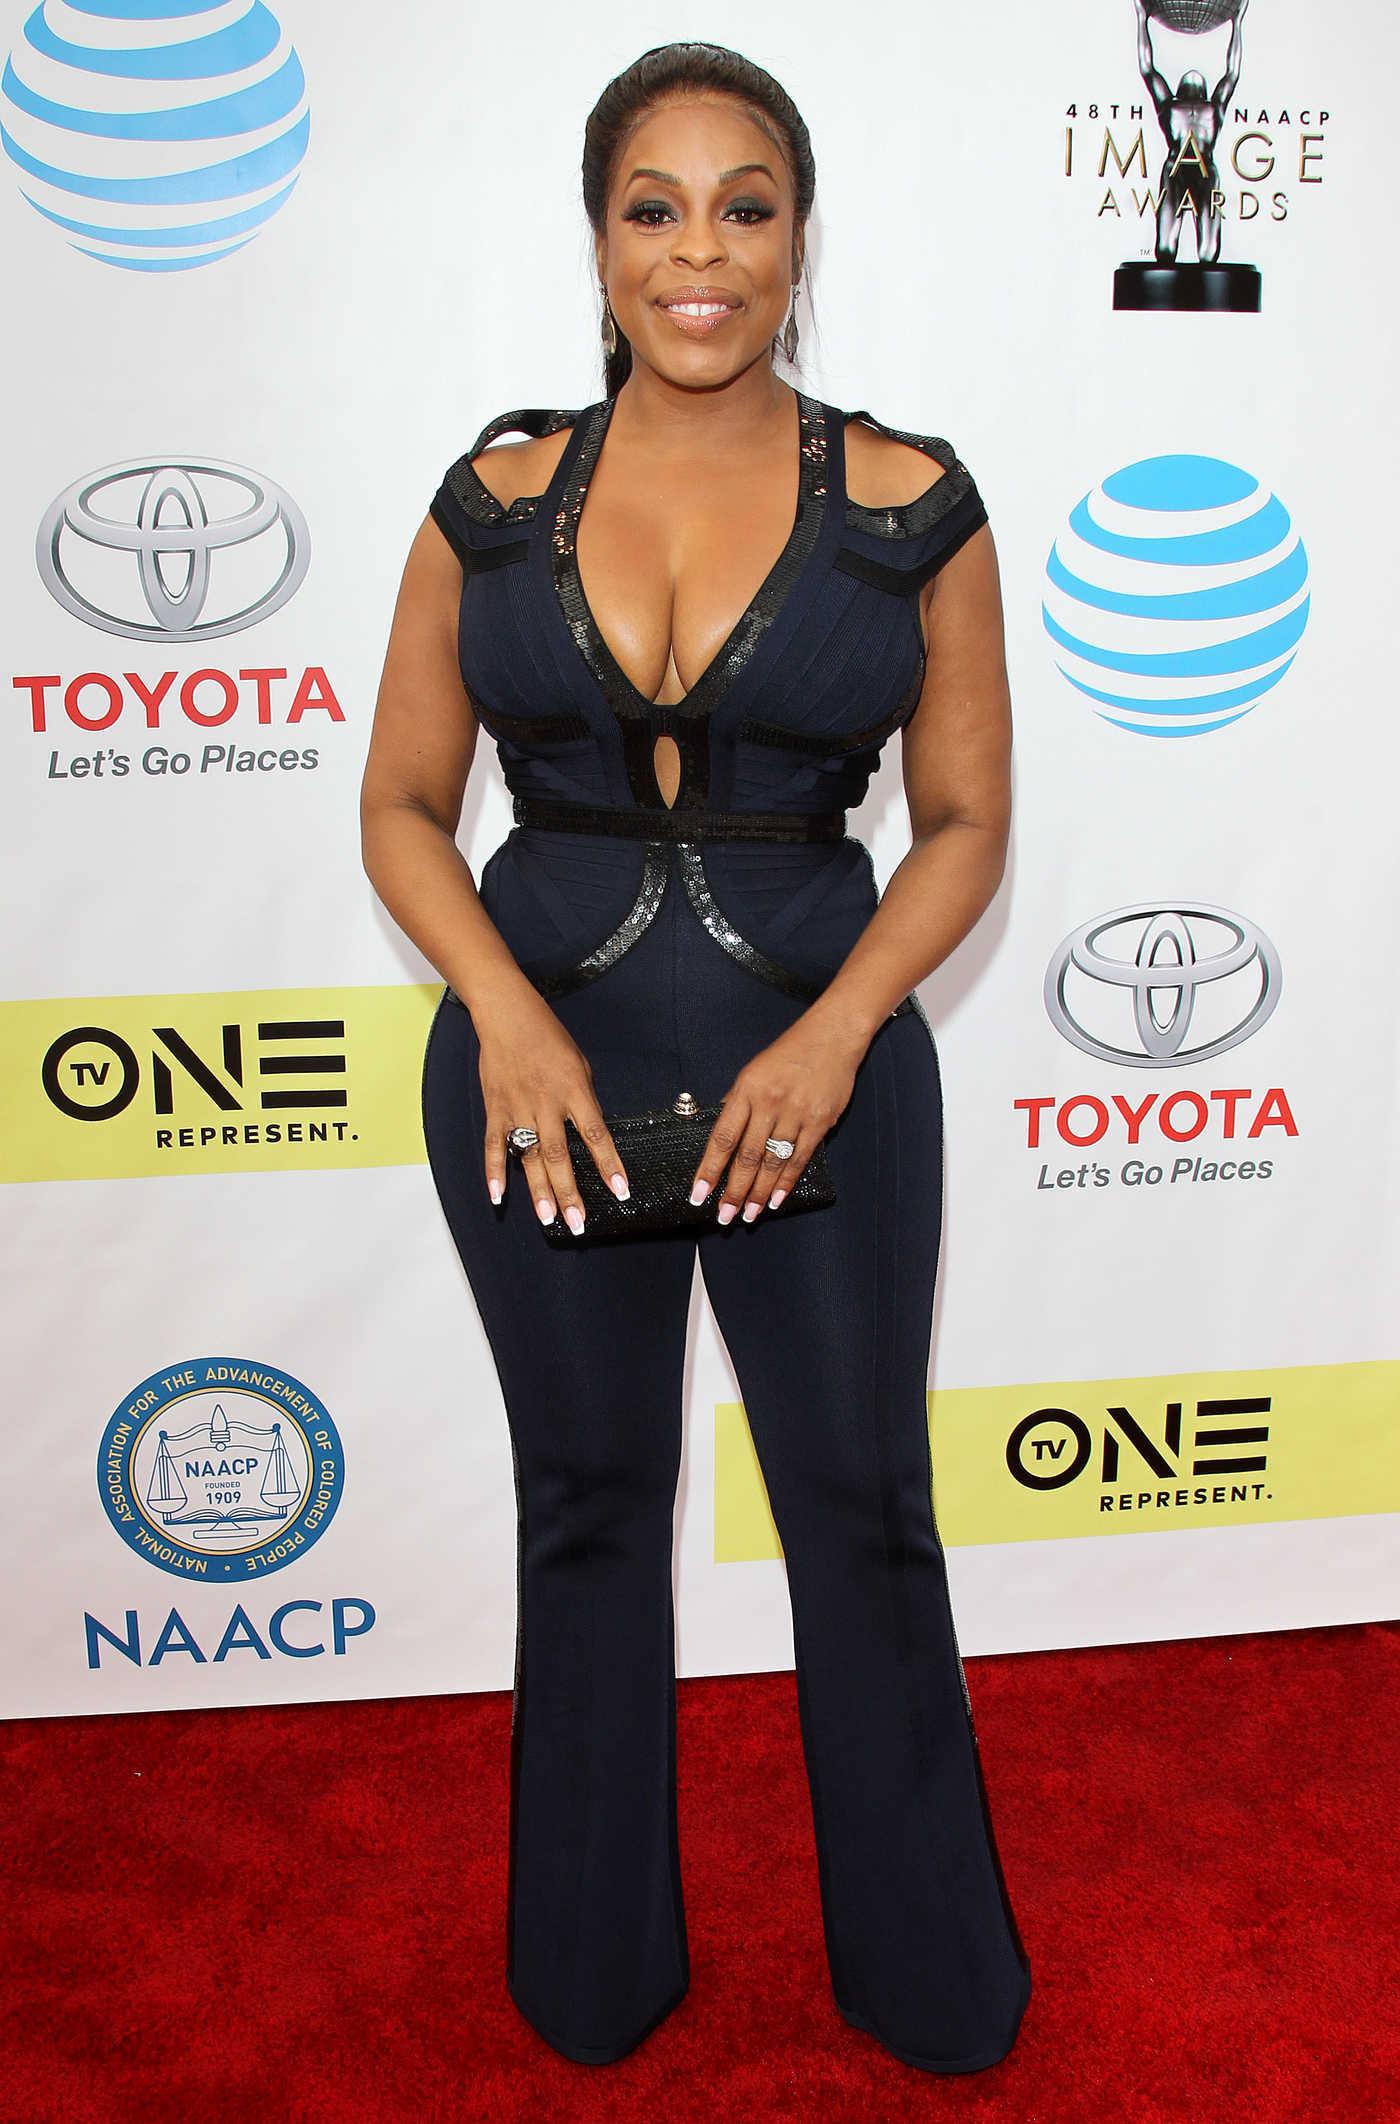 Niecy Nash at the 48th NAACP Image Awards in Pasadena 02/11/2017